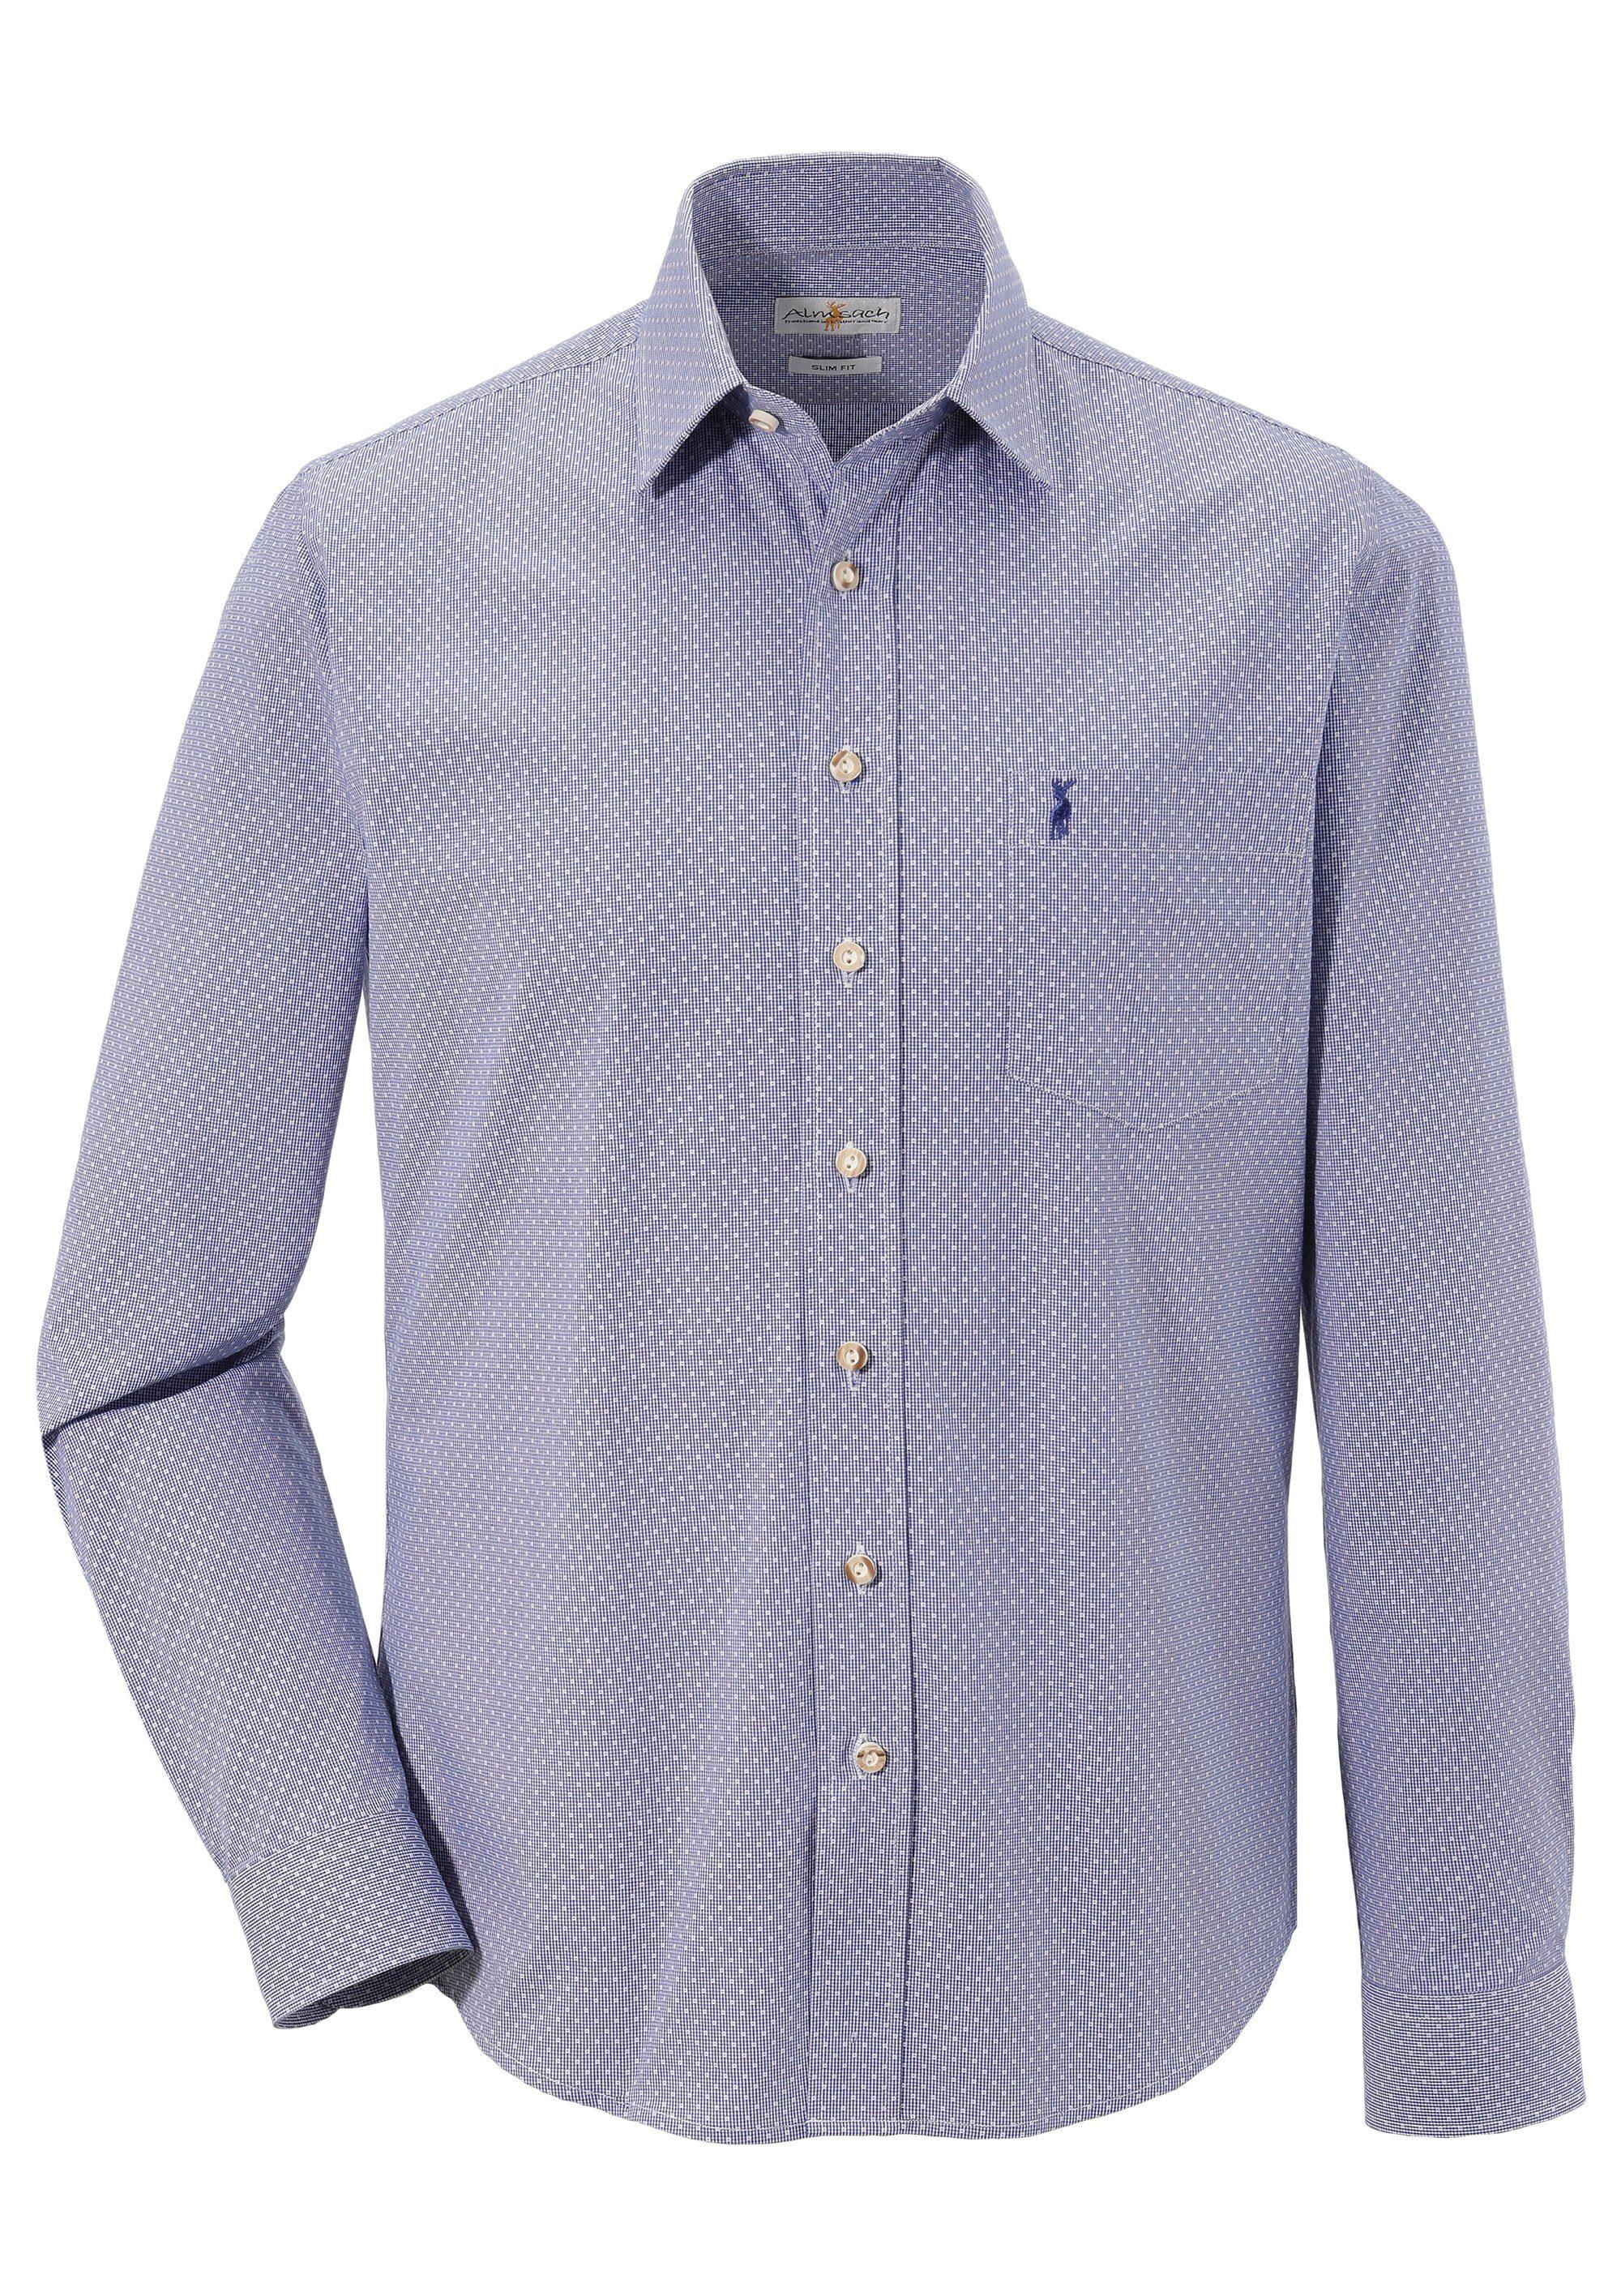 Almsach Trachtenhemd mit dezenter Musterung   Bekleidung > Hemden > Trachtenhemden   Blau   Almsach